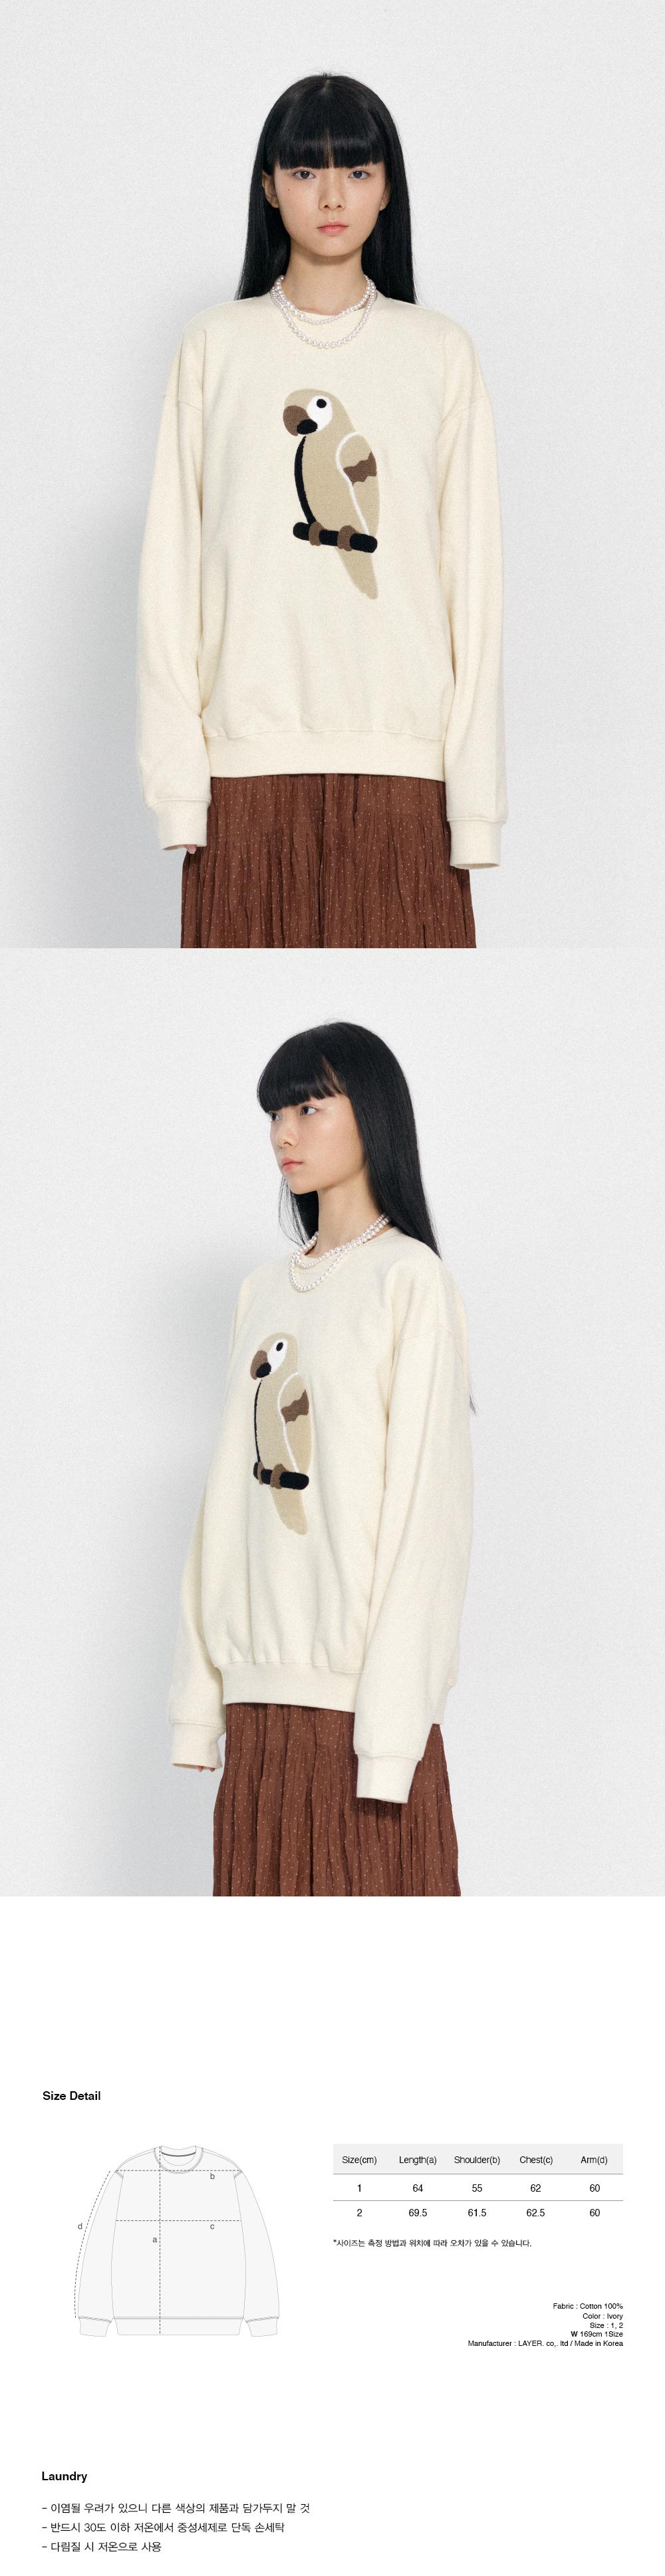 칸코(KANCO) KANCO FULL LOGO SWEATSHIRT ivory